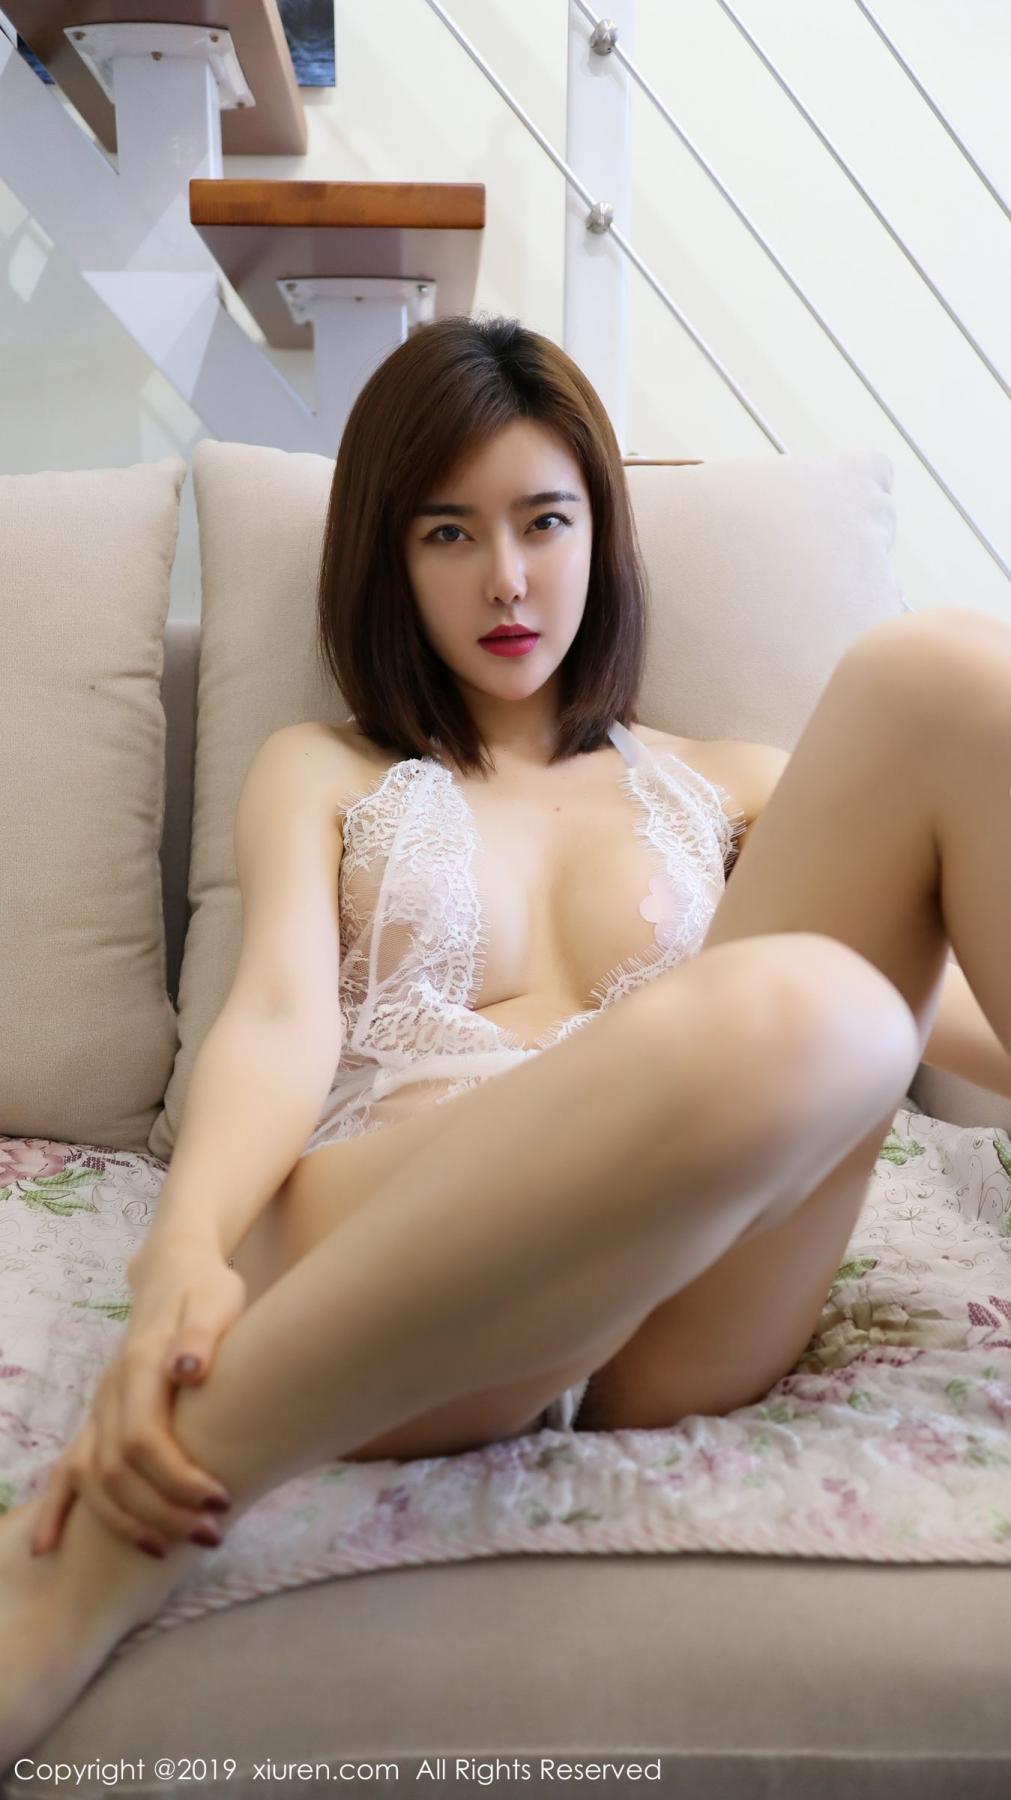 [XiuRen] Vol.1632 Yomi 7P, Underwear, Xiuren, Yomi